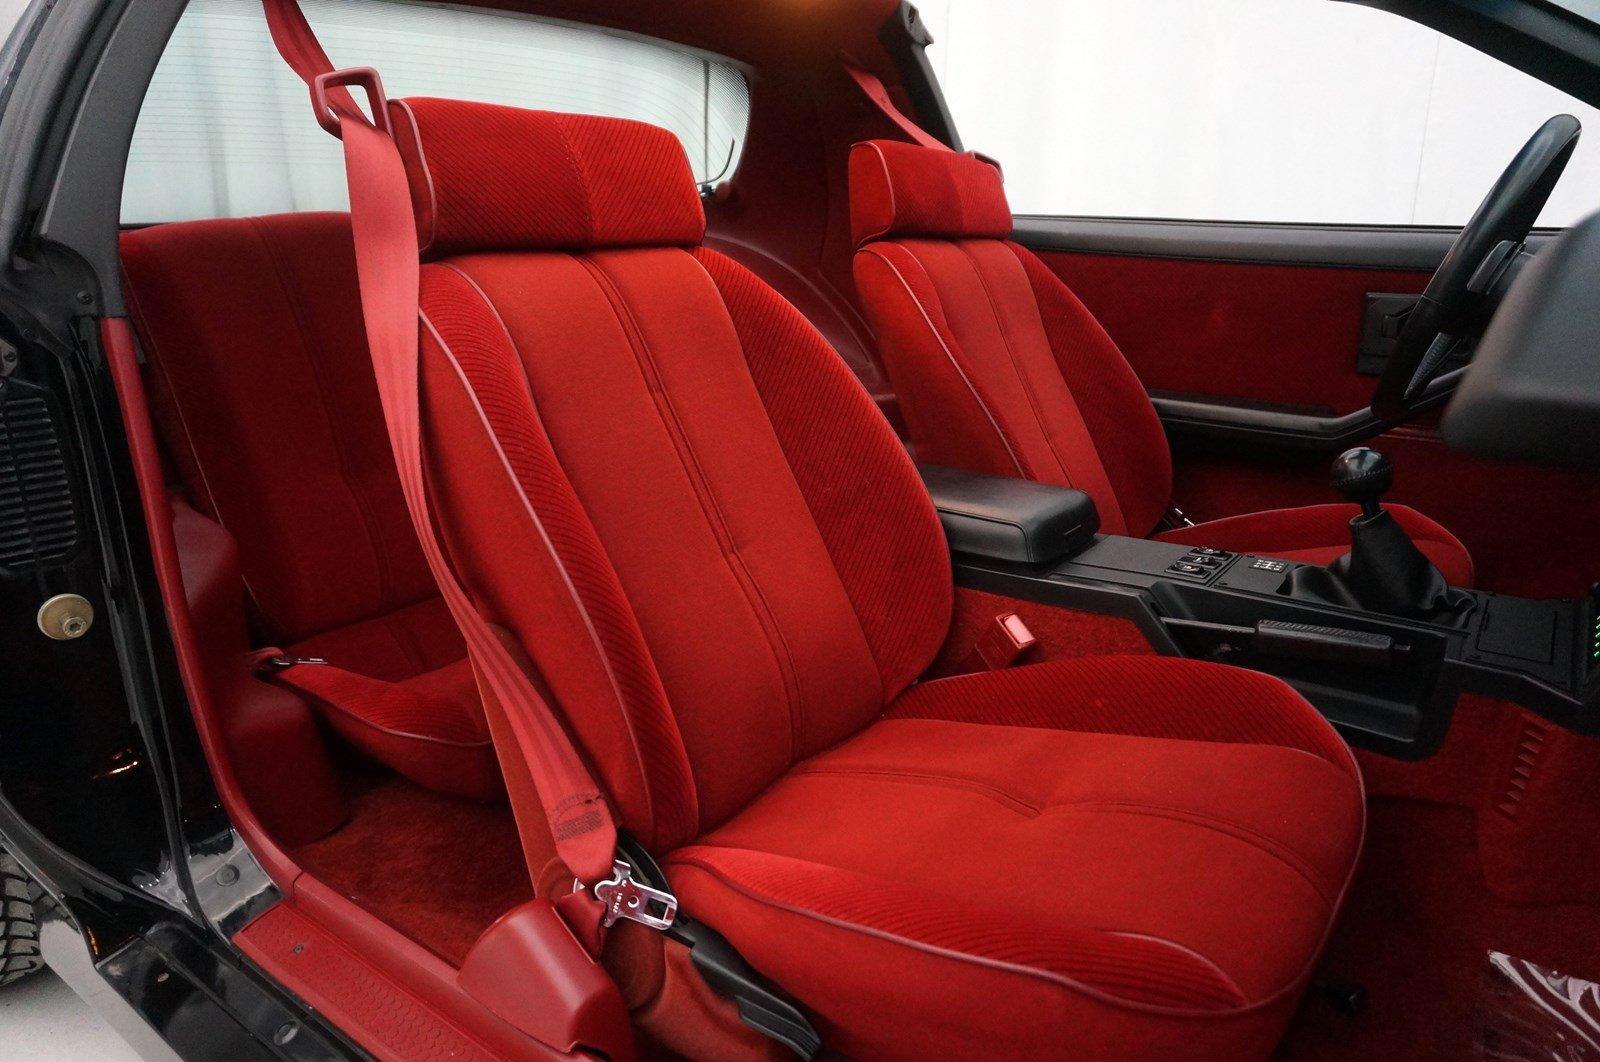 Used-1985-Chevrolet-Camaro-IROC-Z